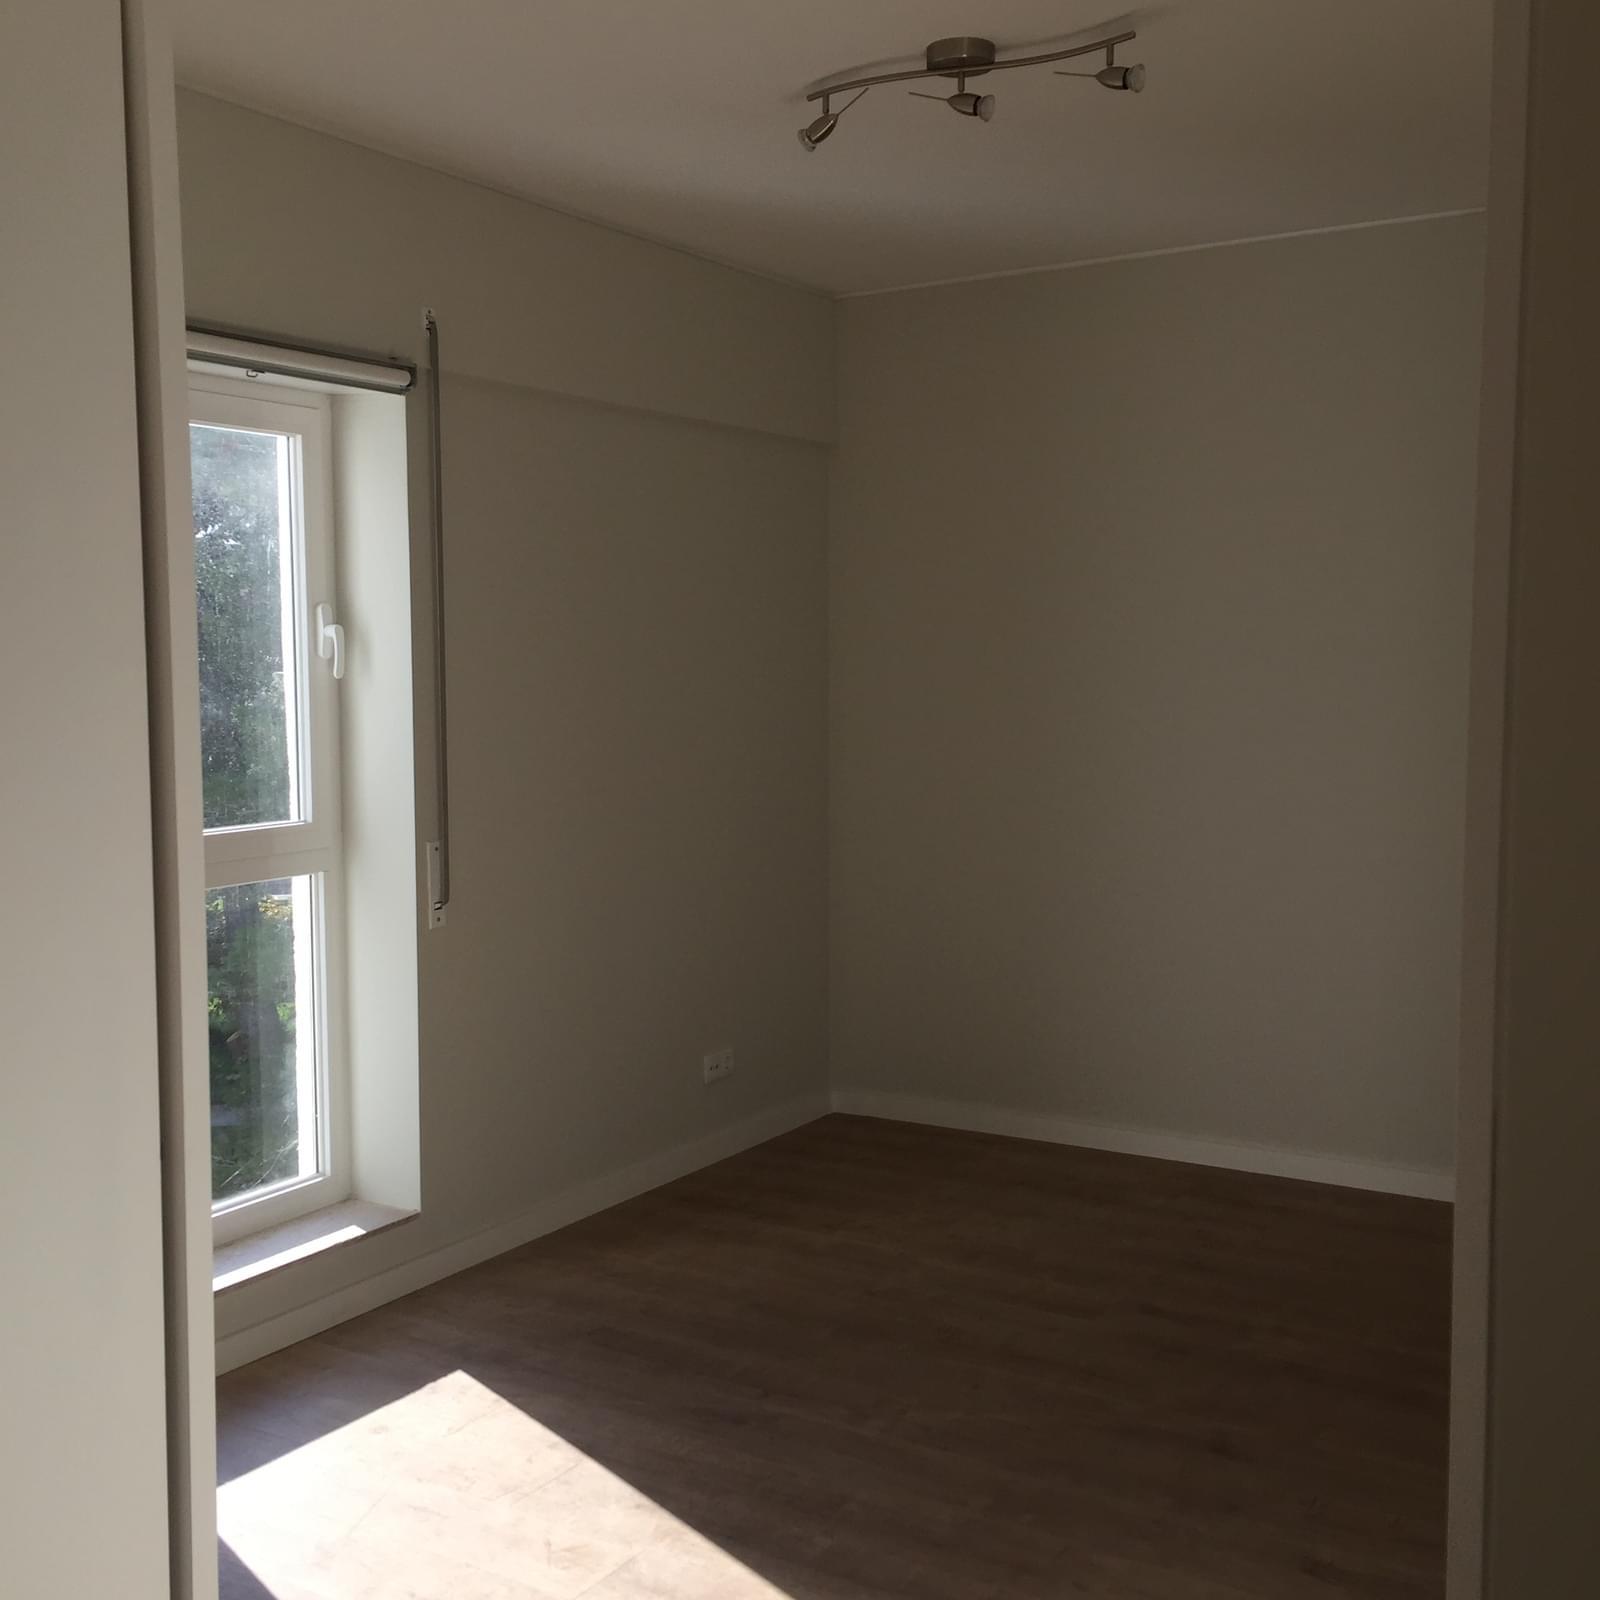 pf18756-apartamento-t2-cascais-99d5f210-e1a8-4faf-8add-7dcfd39df5fb